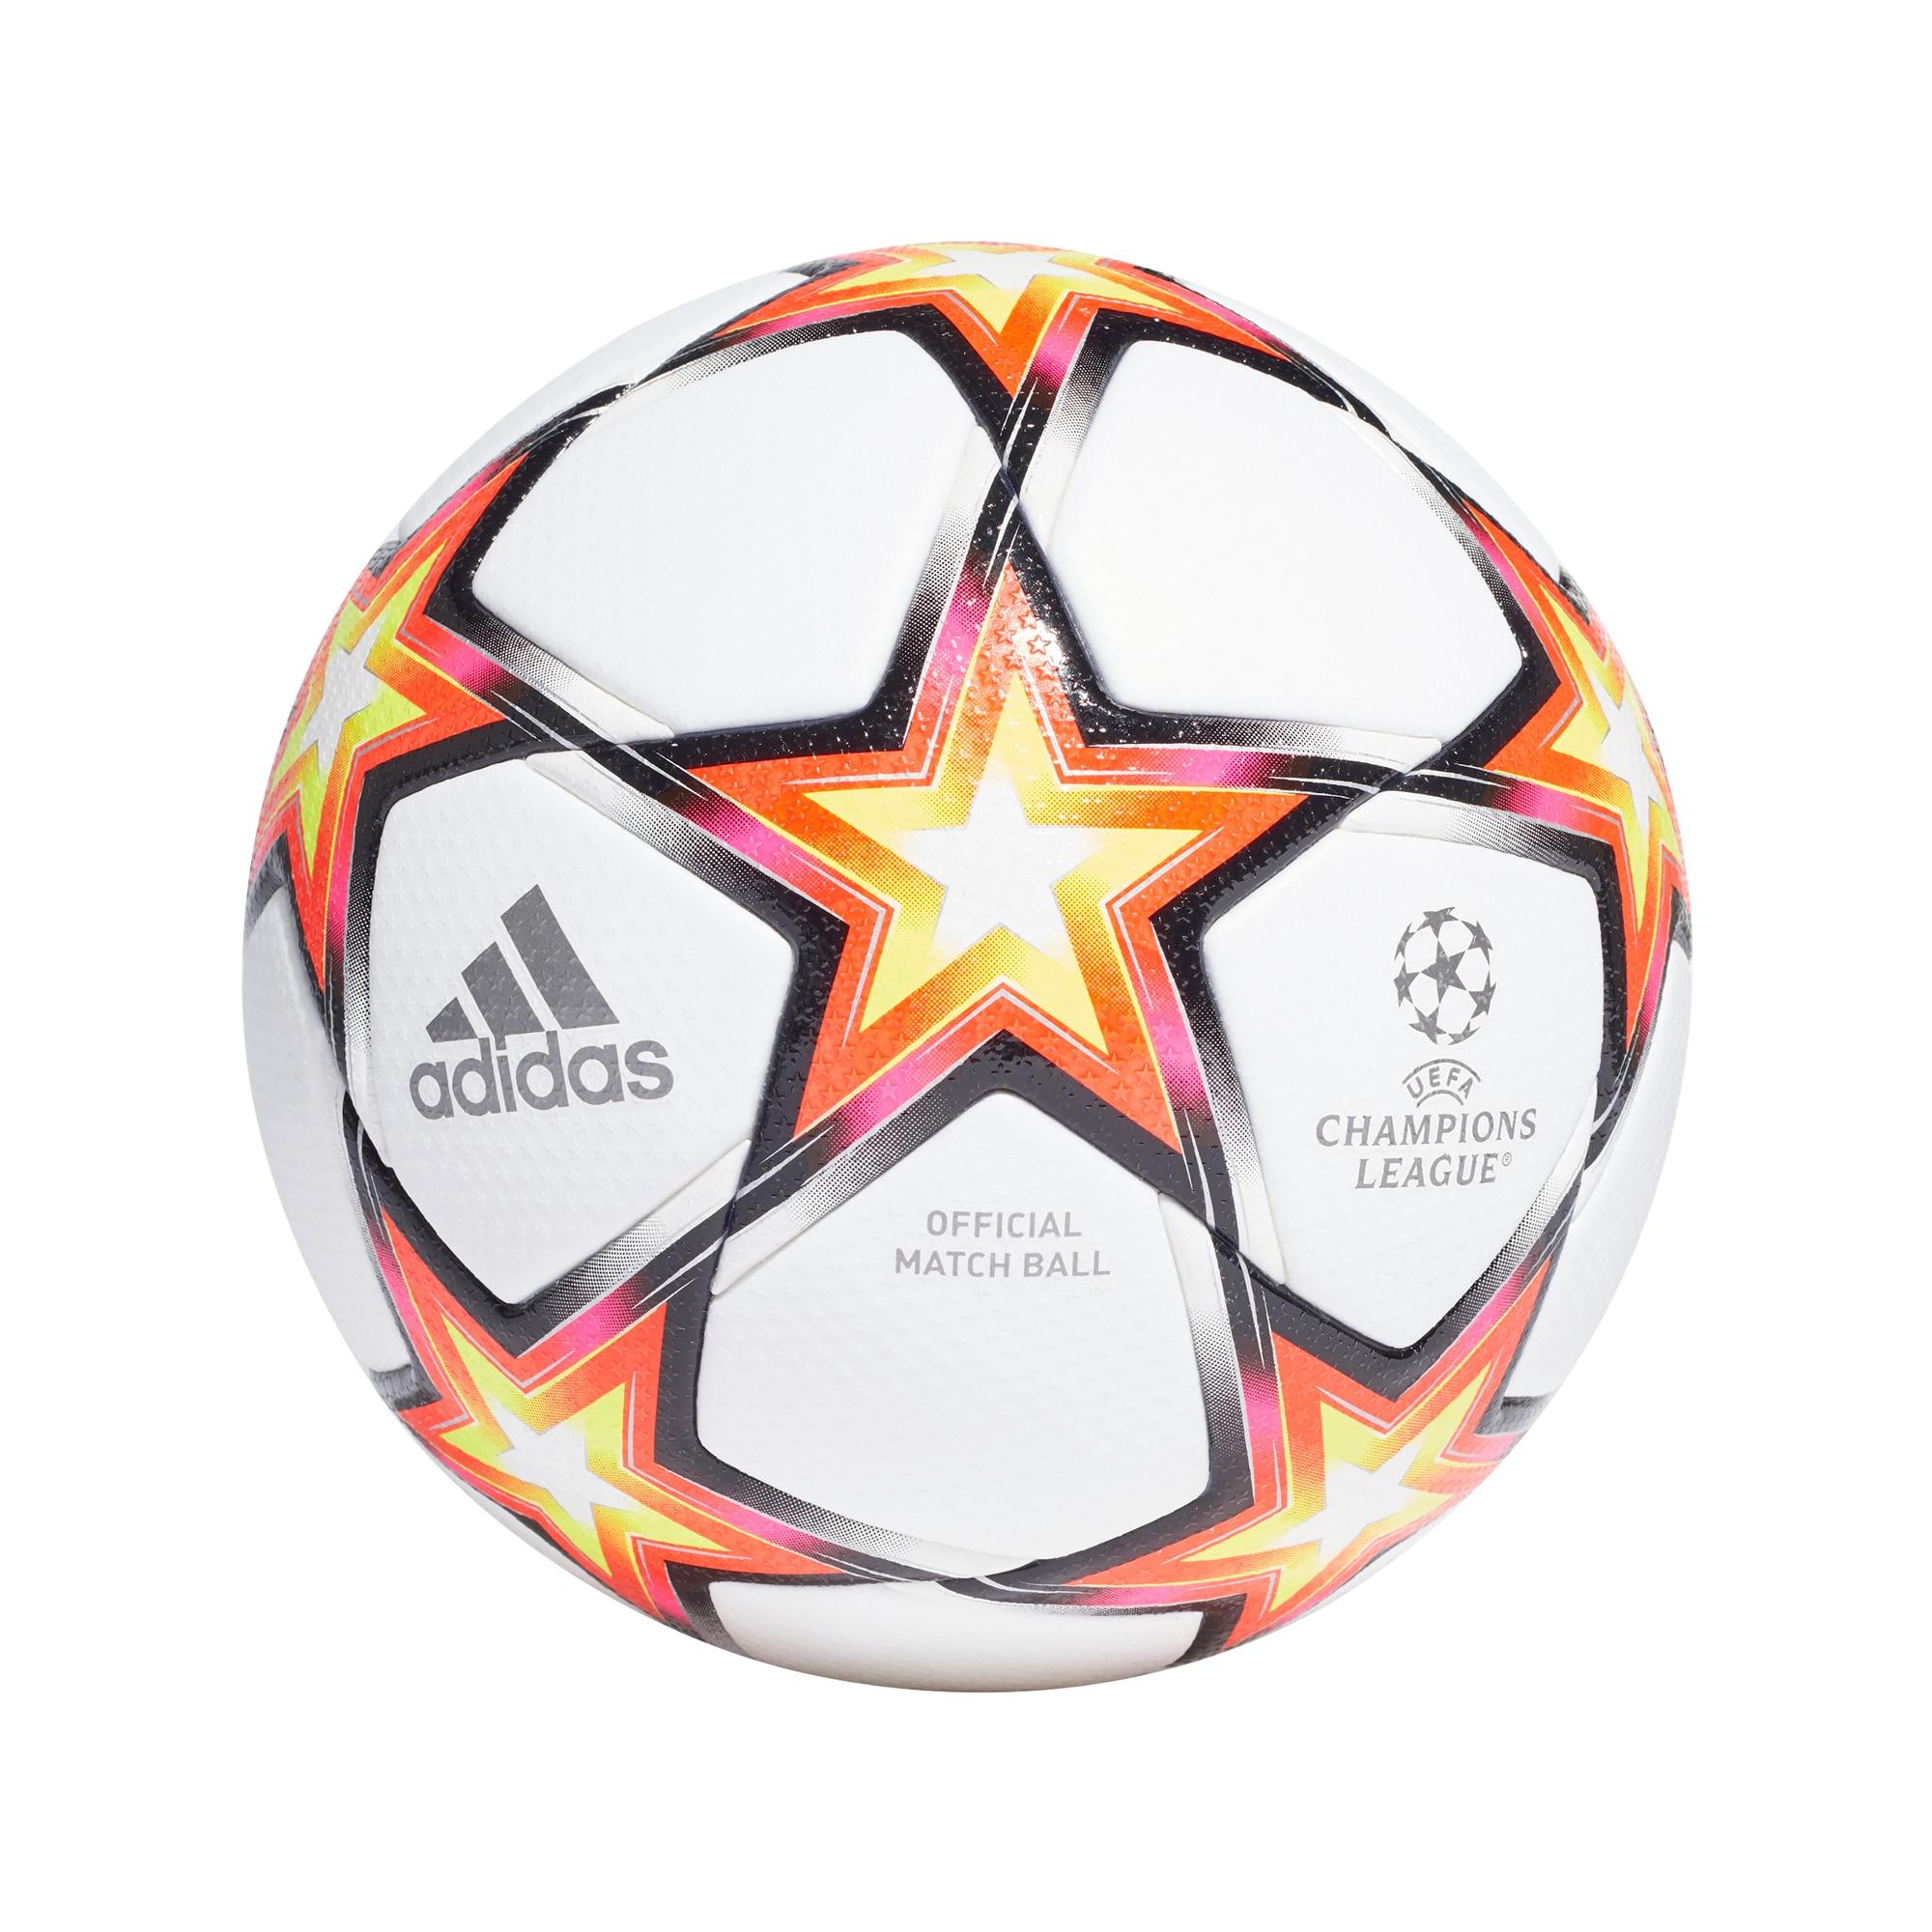 Adidas Champions League Offisiell Matchball Fotball 21/22